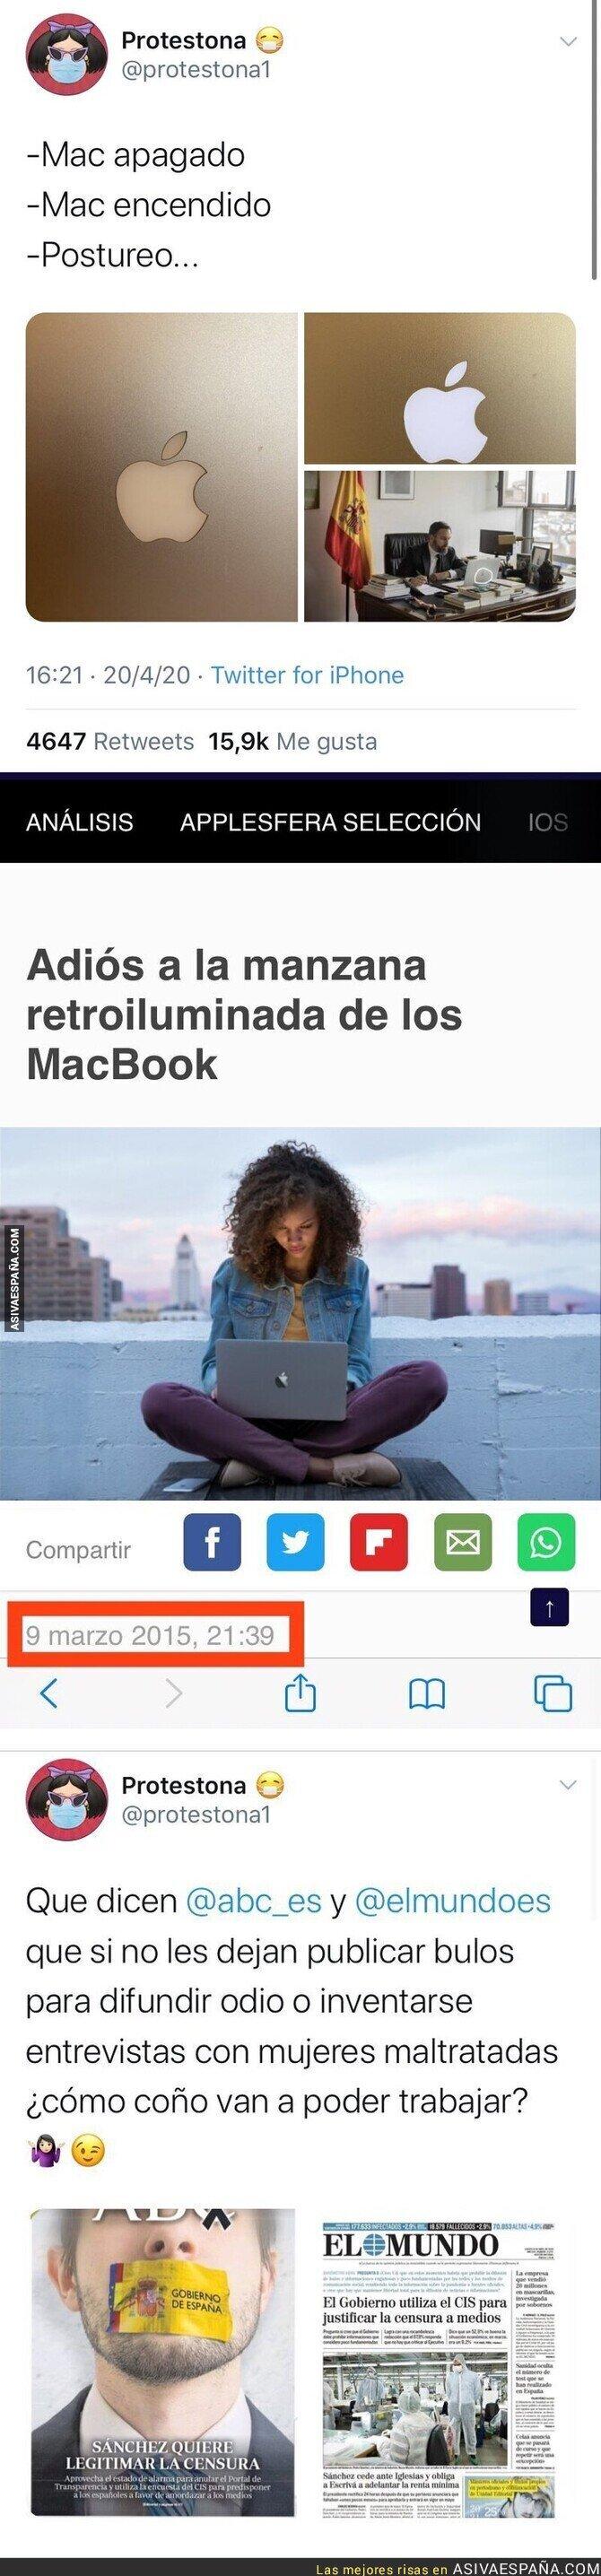 145552 - ¿Está Santiago Abascal trabajando con el ordenador apagado? Aquí la realidad de esta polémica imagen